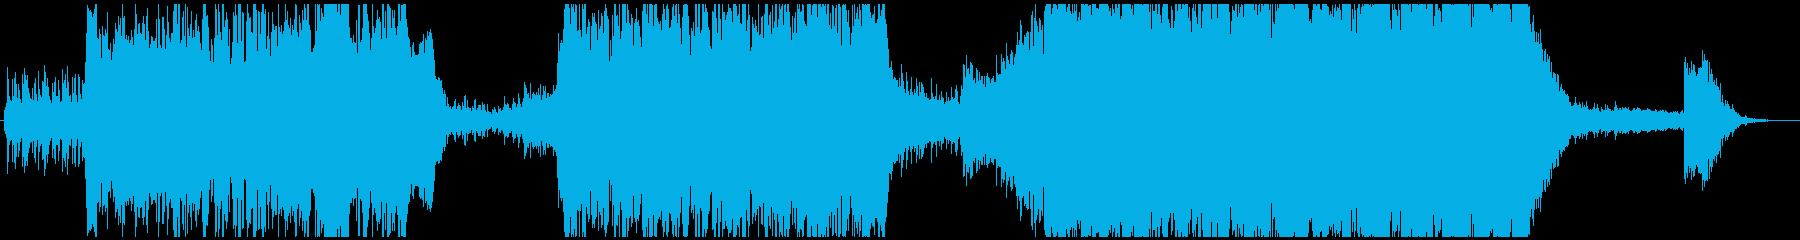 現代の交響曲 劇的な 神経質 燃え...の再生済みの波形